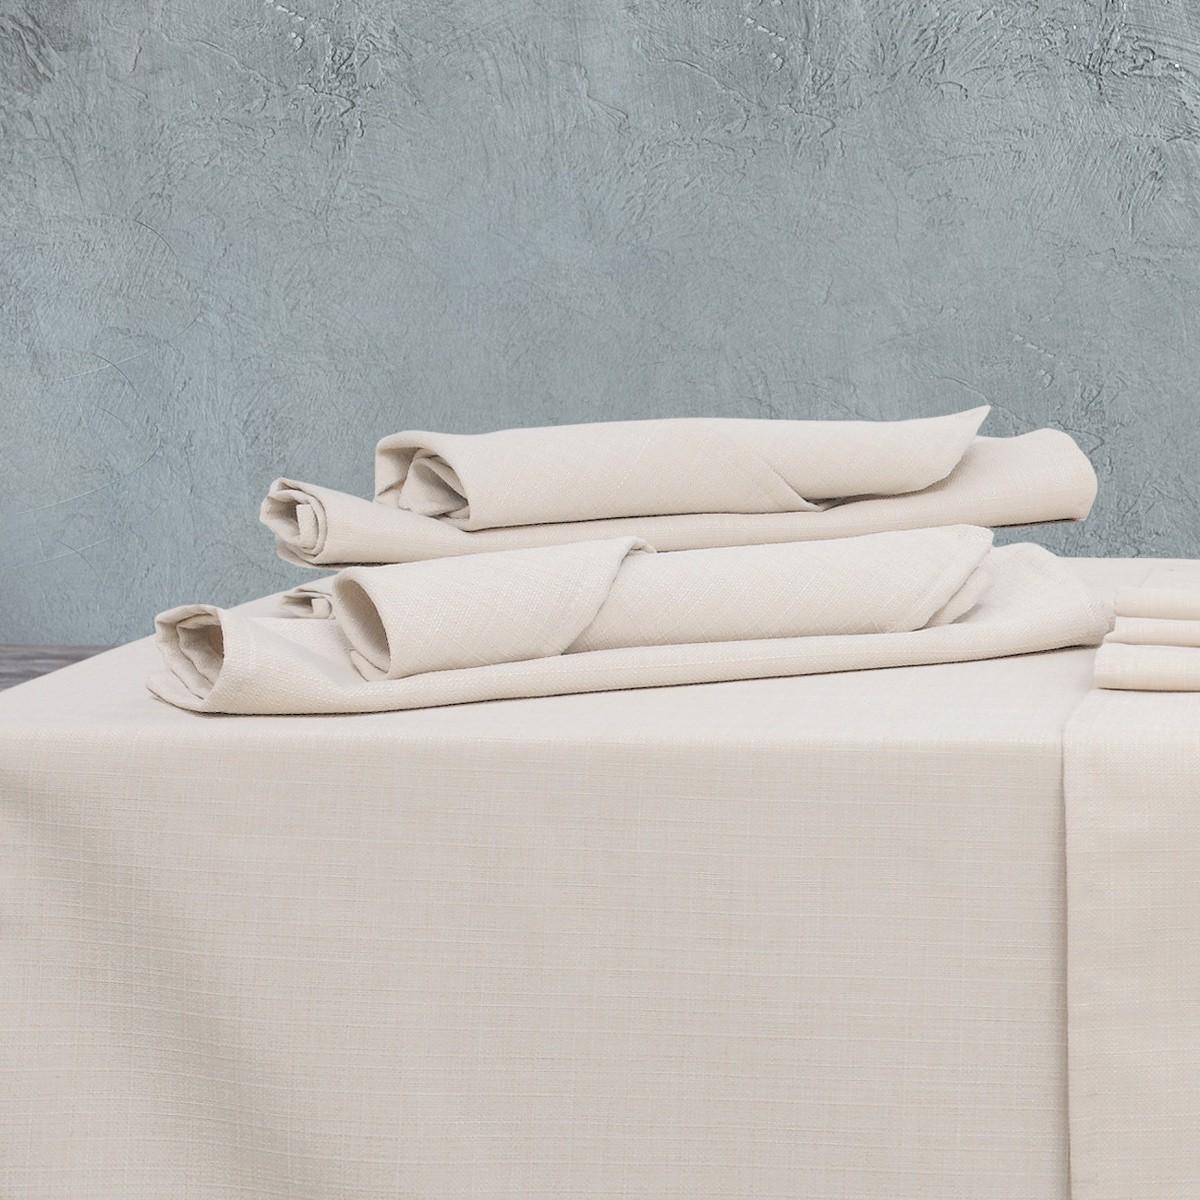 Πετσέτες Φαγητού (Σετ 4τμχ) Das Home Kitchen Line 544